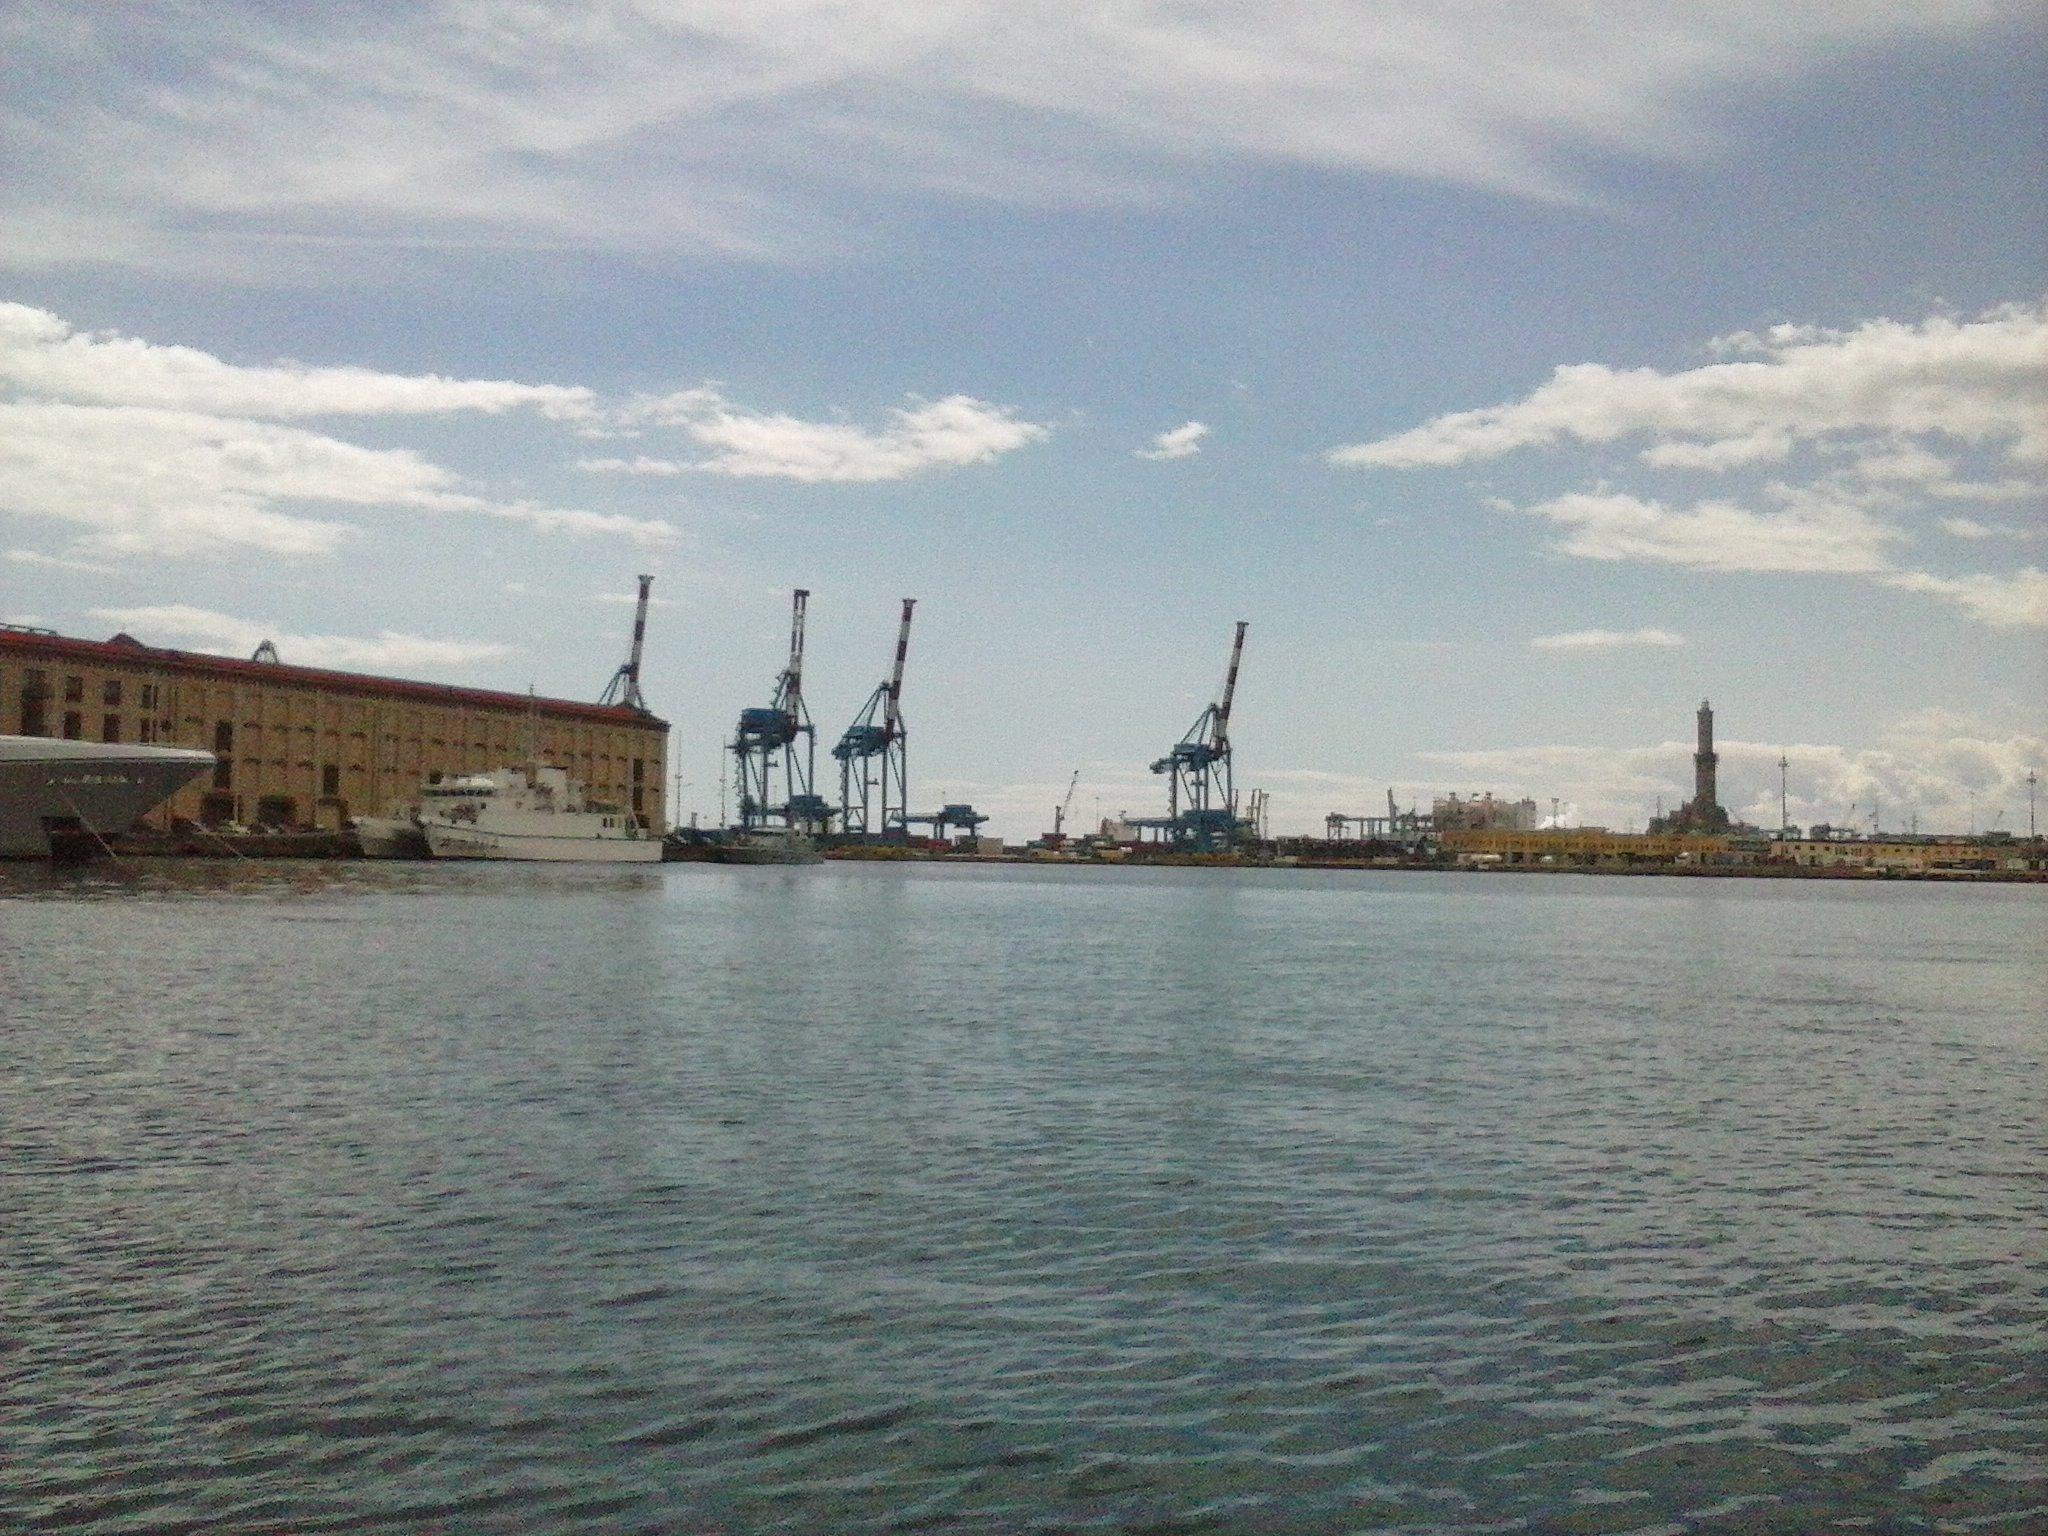 Vista Porto di Genova - 24-05-2015-10